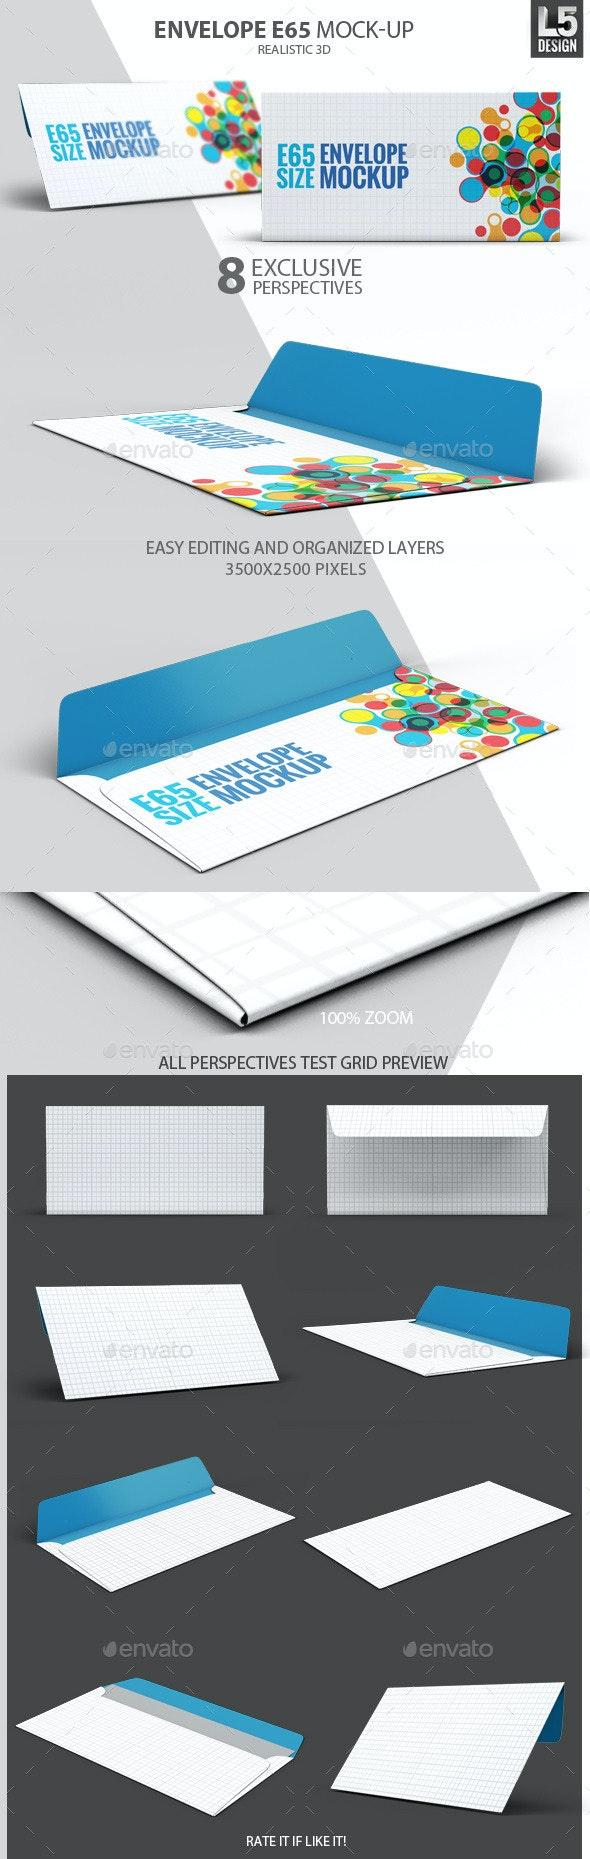 Envelope E65 Mock-Up - Miscellaneous Product Mock-Ups